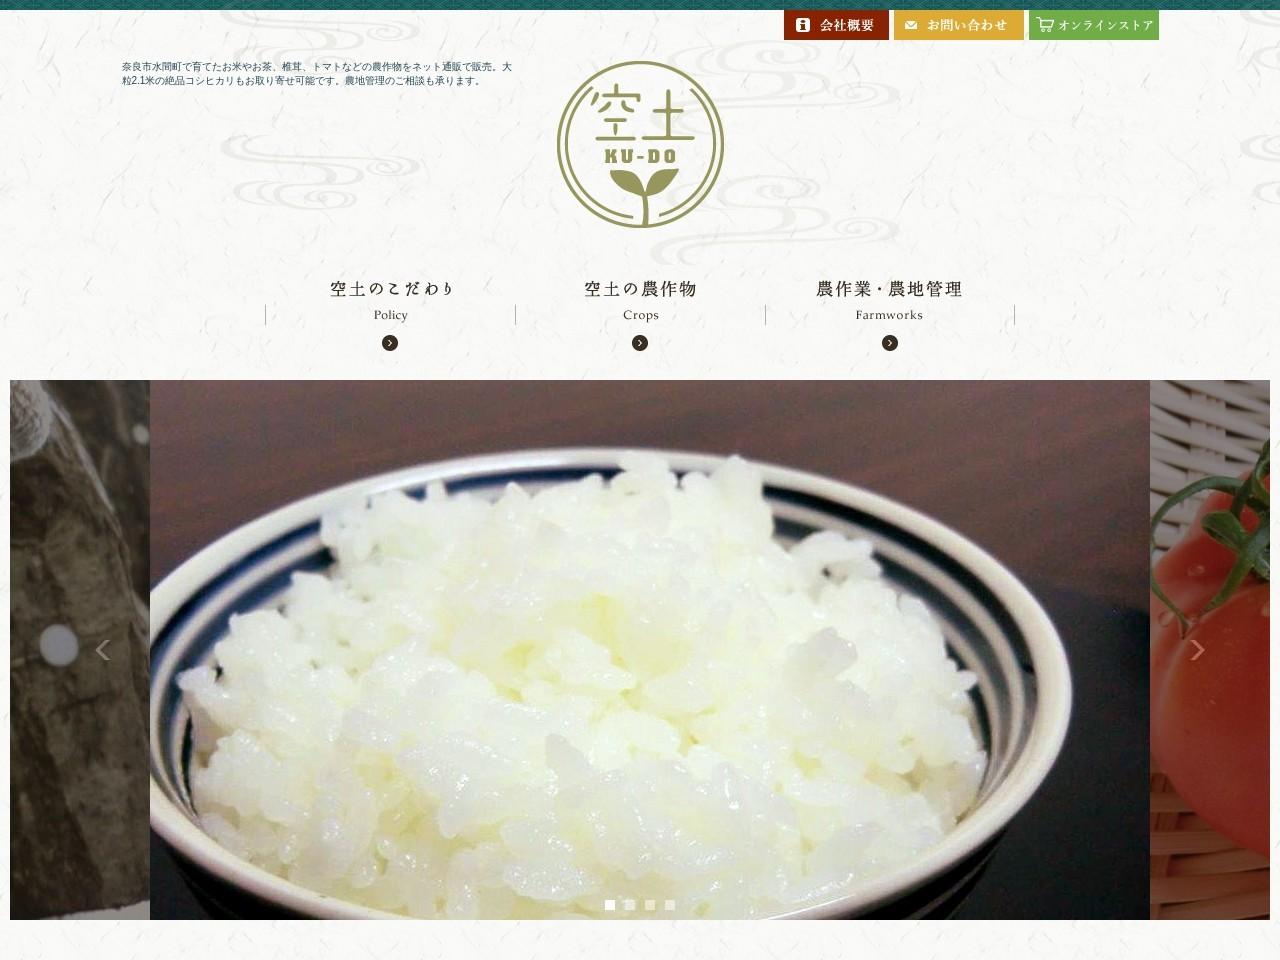 奈良市水間町で自然の恵みをたっぷり吸収したお米や野菜を作る農園|株式会社空土 |ホーム